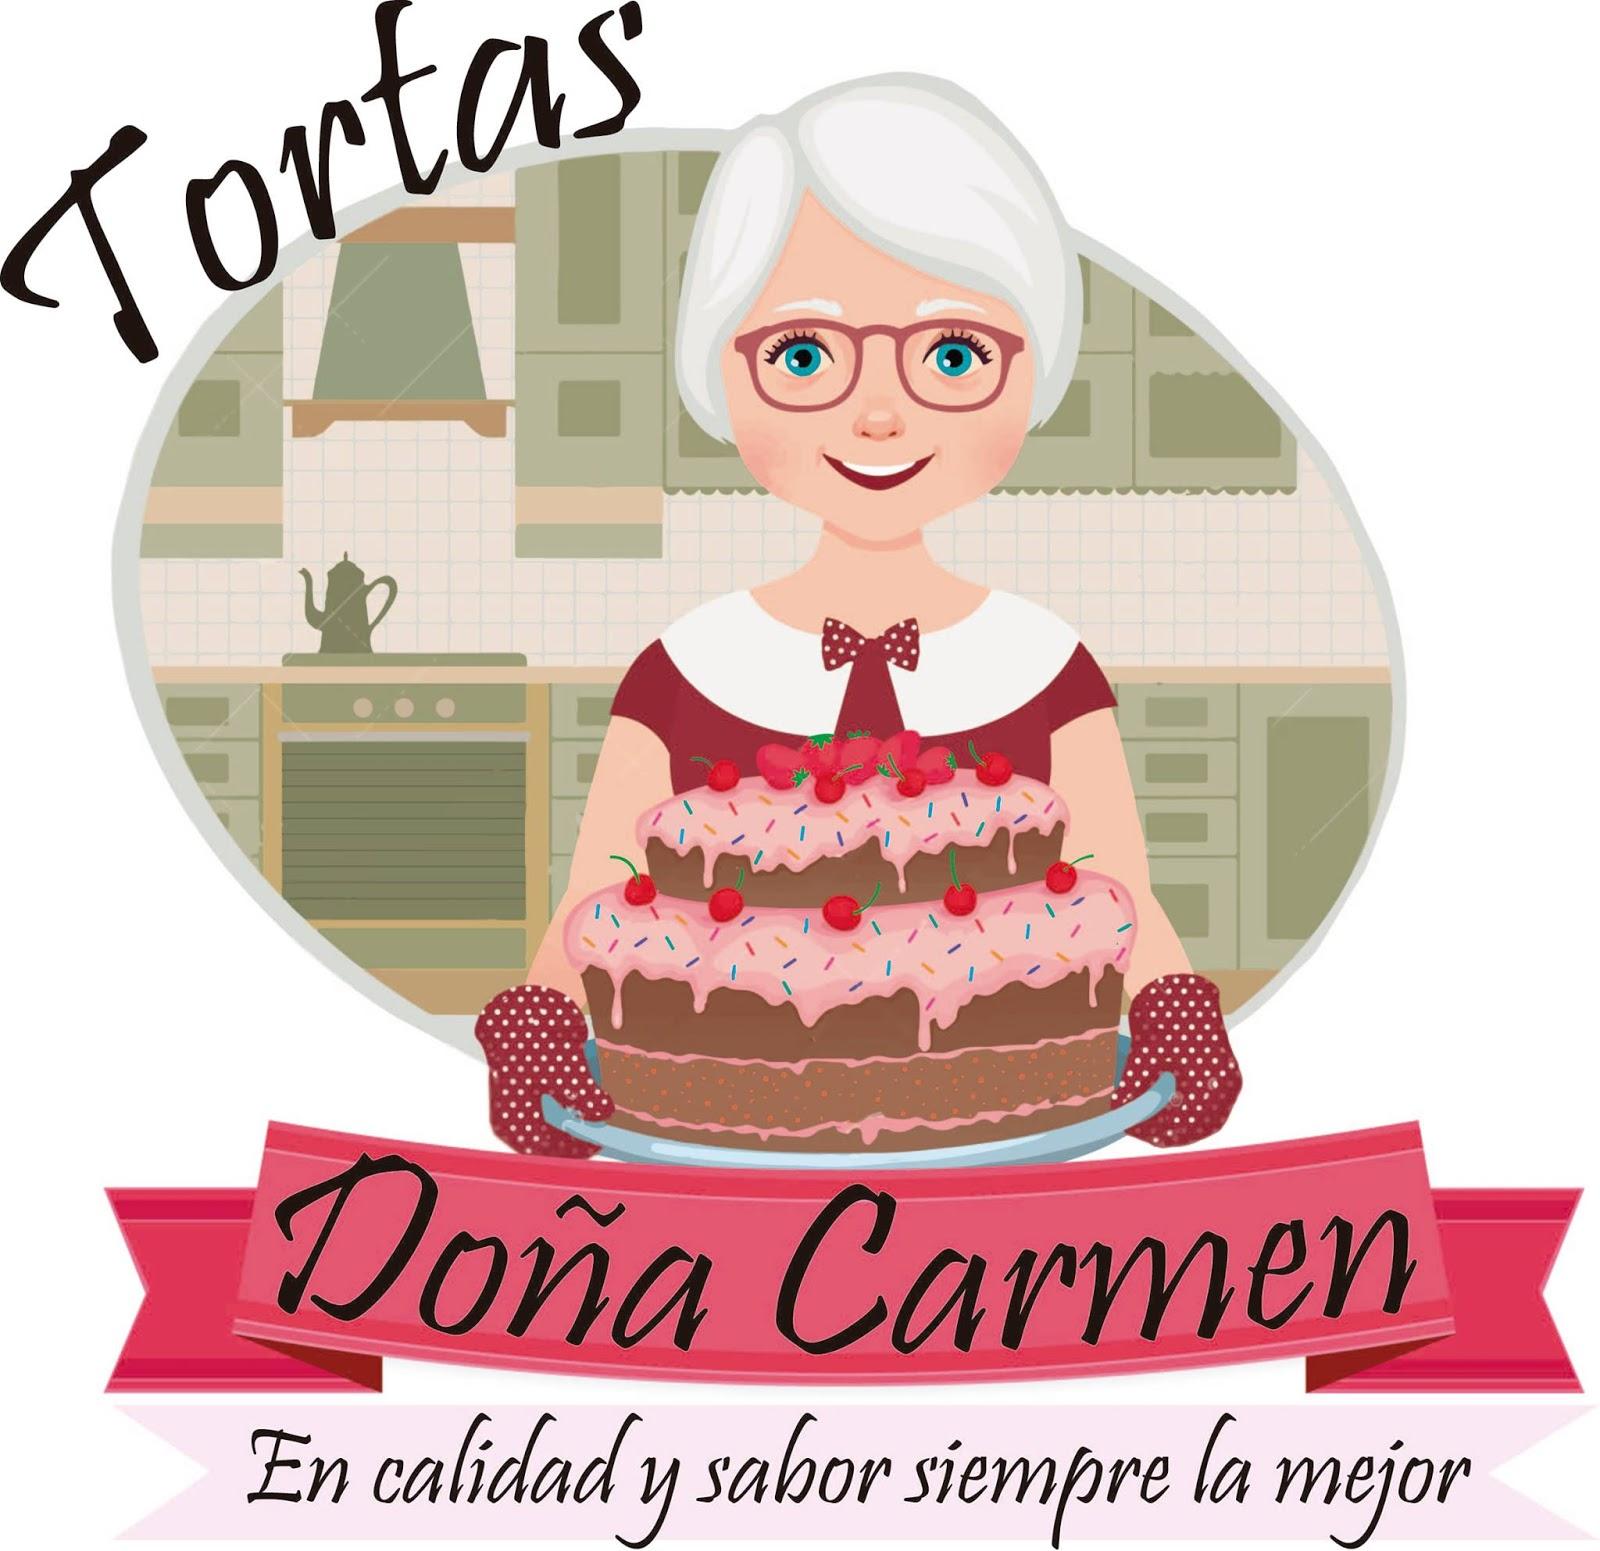 37a8f868b Tortas Caseras Doña Carmen  TORTAS DOÑA CARMEN